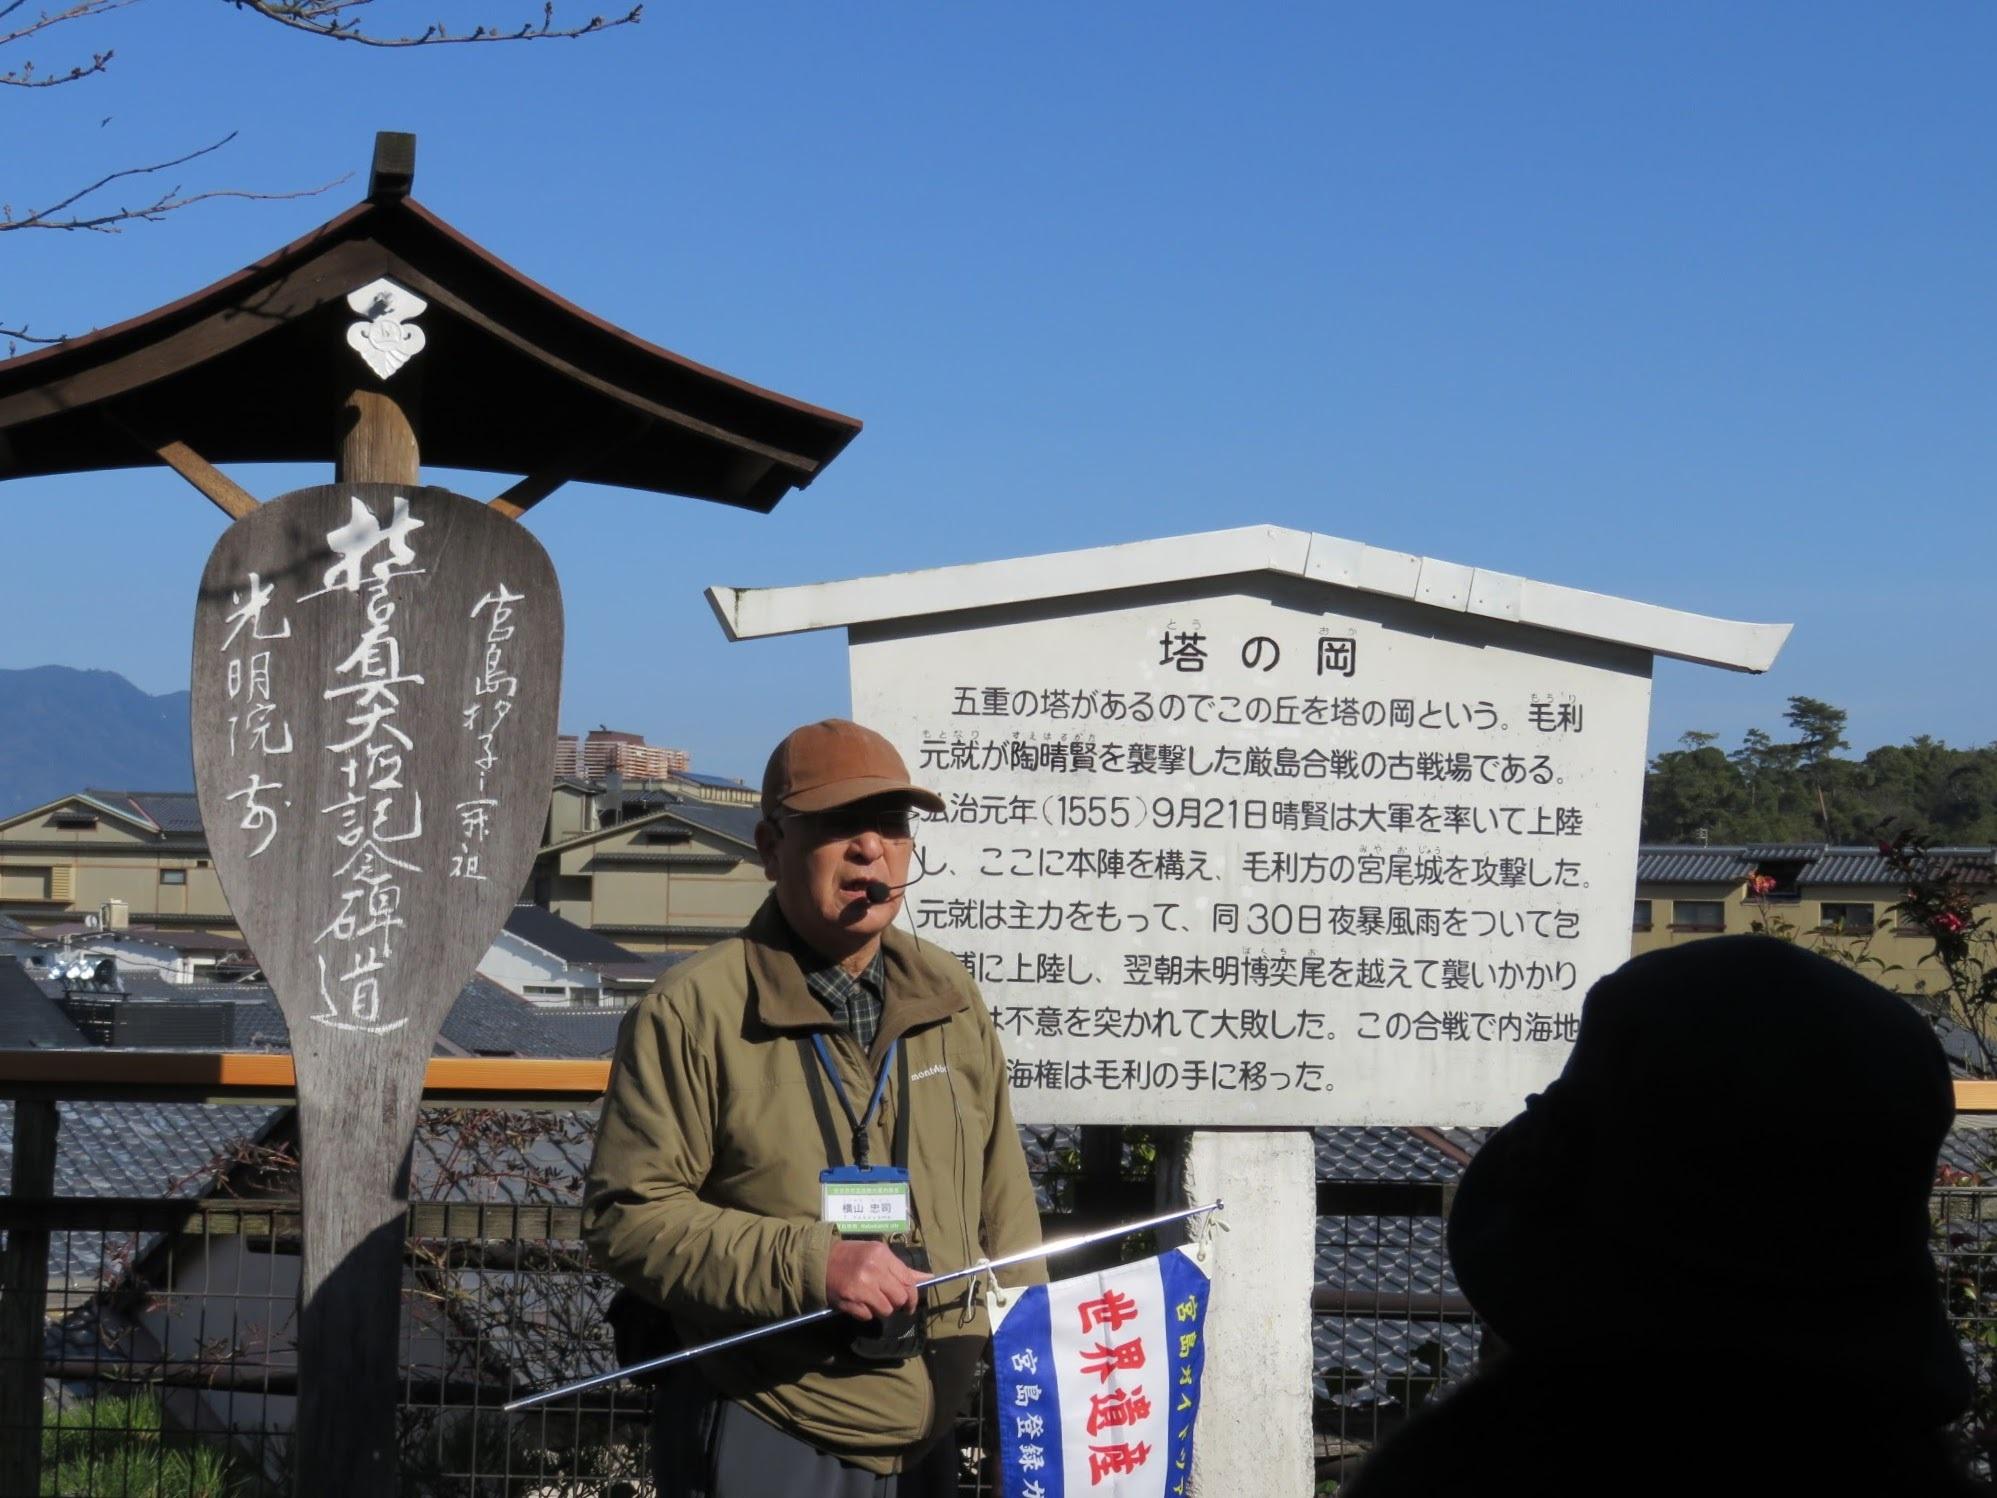 せとうち旅行⑬ 千畳閣・五重塔 豊国神社_a0057402_15001922.jpg